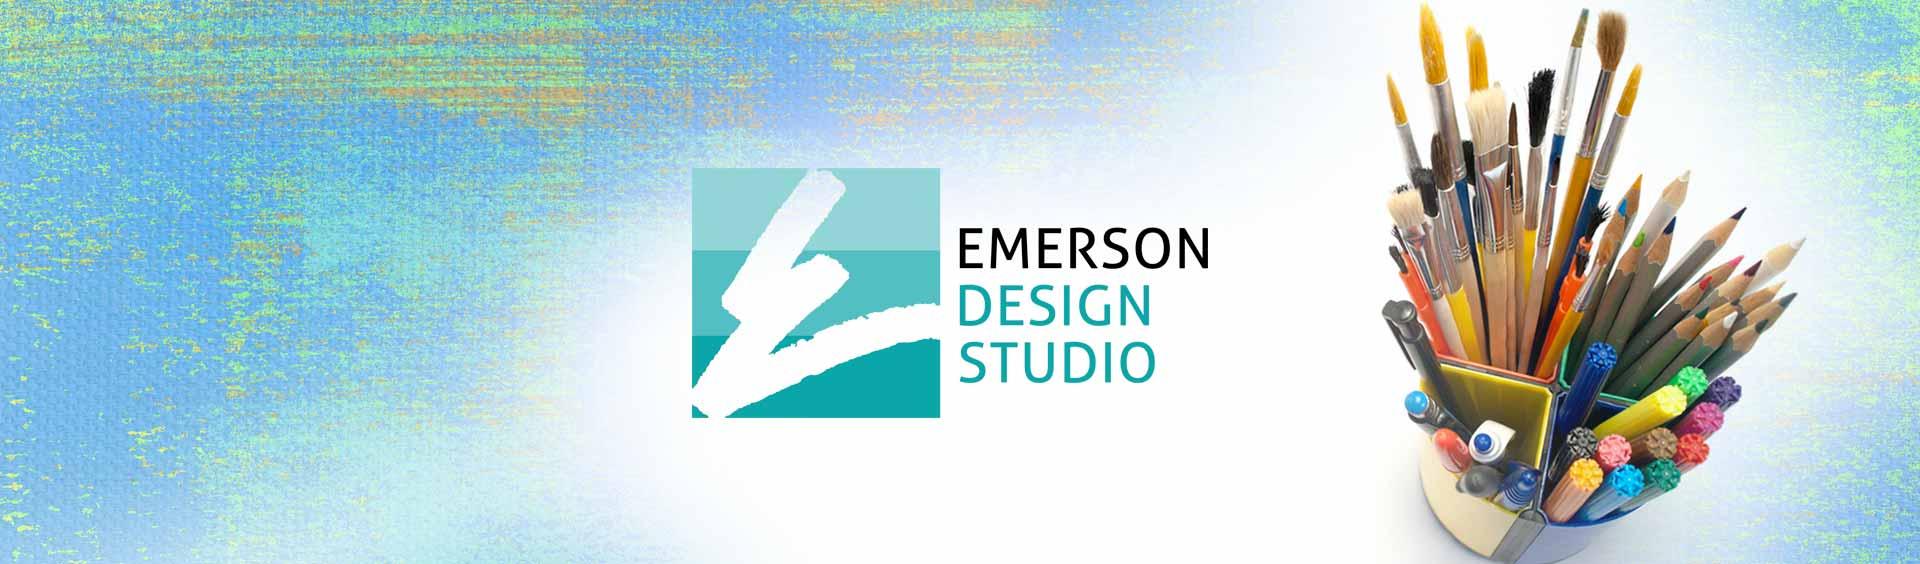 Emerson Design Studio